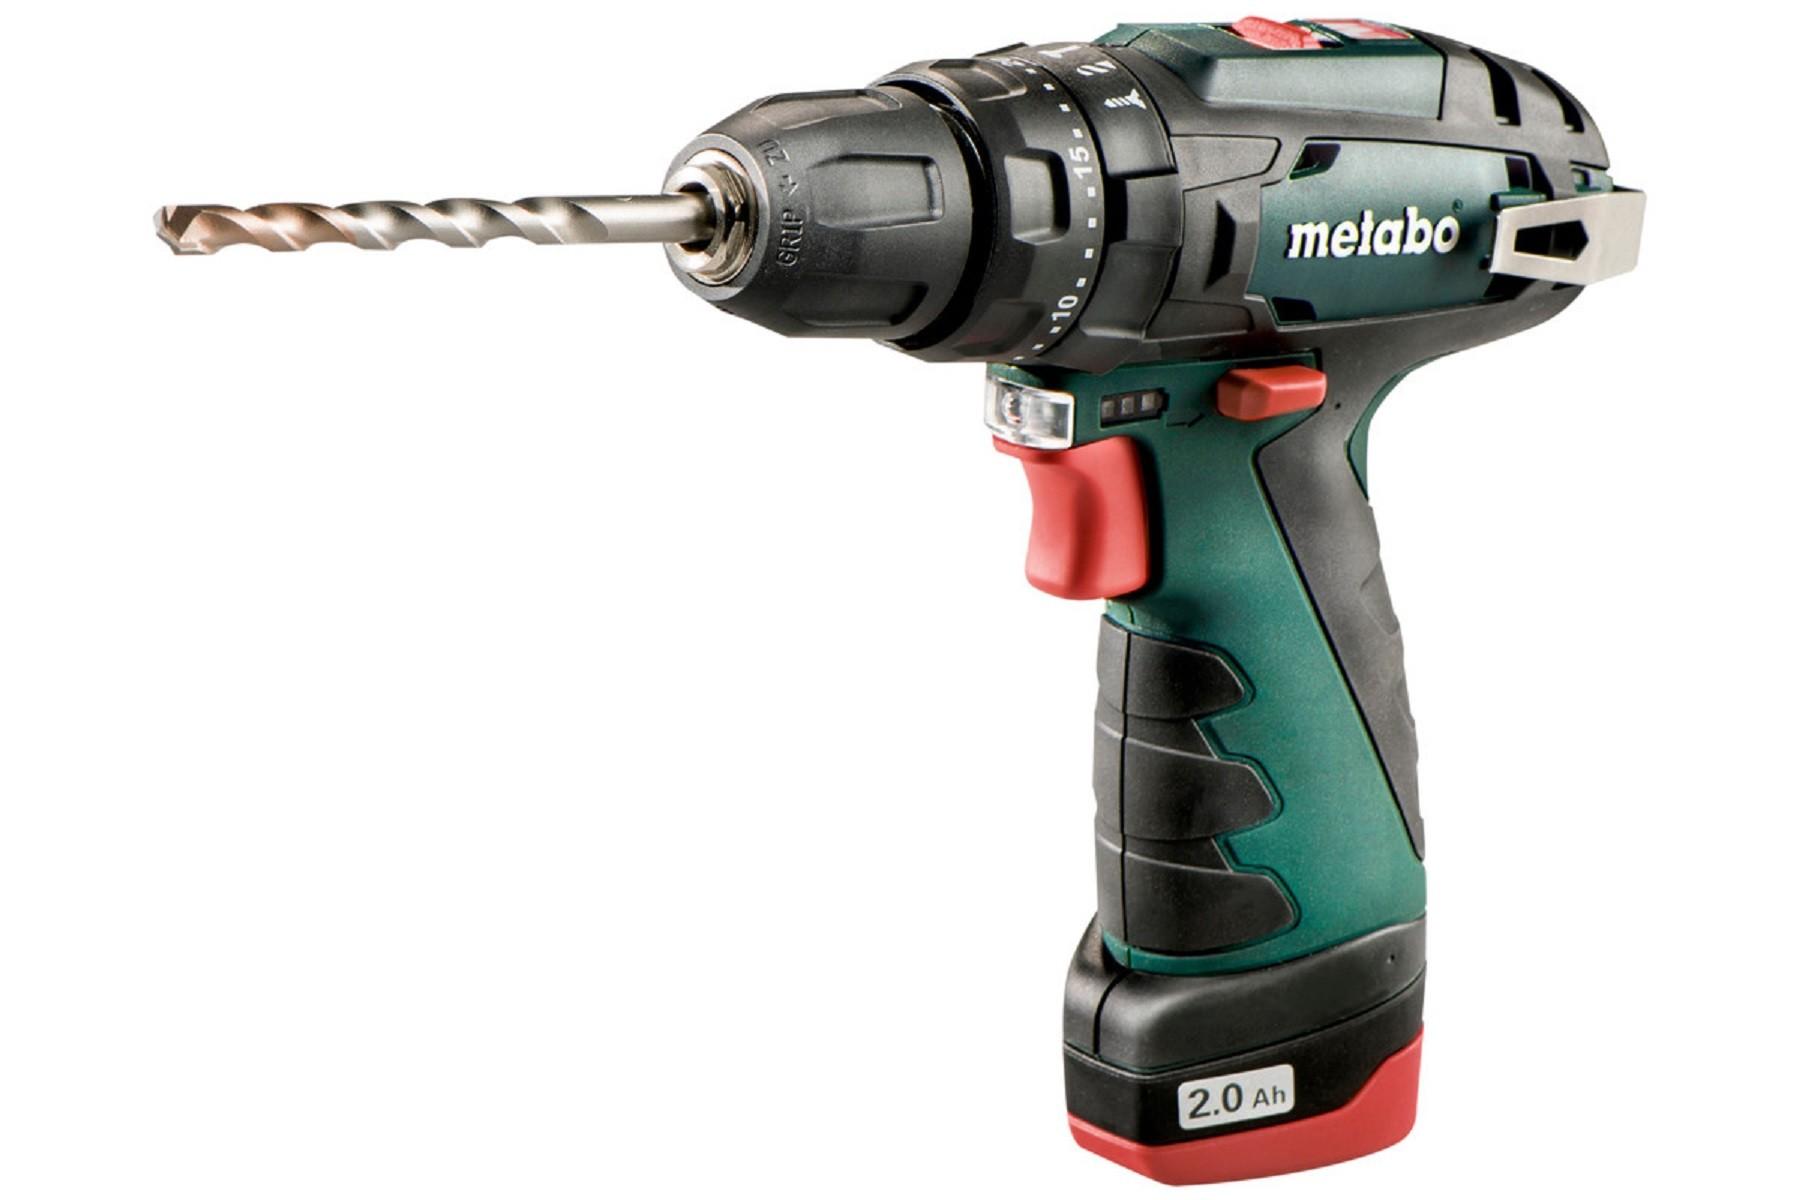 Parafusadeira/Furadeira Impacto Powermaxx SB Basic 220v Metabo 600385500